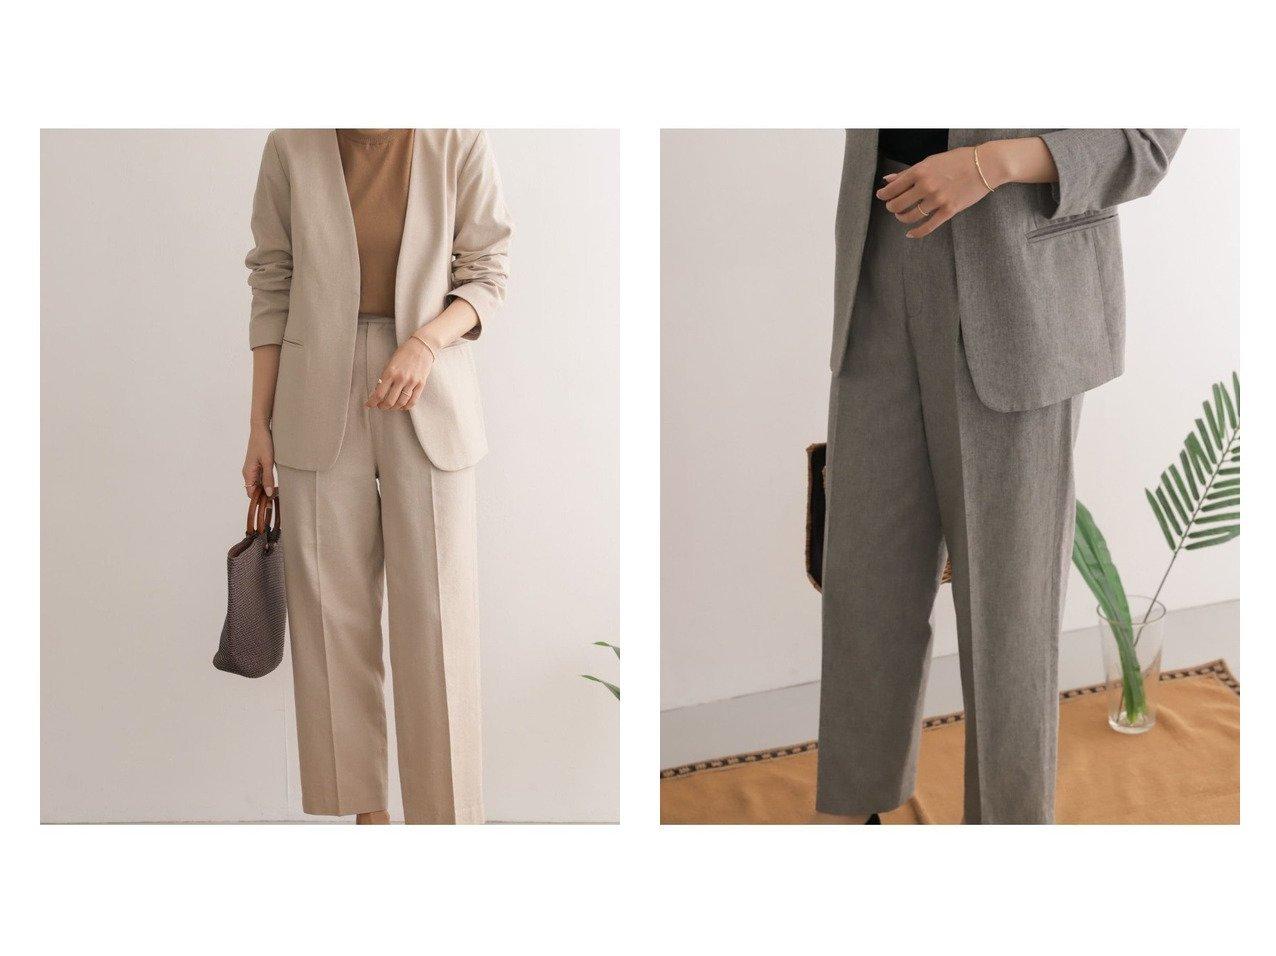 【URBAN RESEARCH DOORS/アーバンリサーチ ドアーズ】のコットンリネントラウザー 【パンツ】おすすめ!人気、トレンド・レディースファッションの通販 おすすめで人気の流行・トレンド、ファッションの通販商品 メンズファッション・キッズファッション・インテリア・家具・レディースファッション・服の通販 founy(ファニー) https://founy.com/ ファッション Fashion レディースファッション WOMEN パンツ Pants NEW・新作・新着・新入荷 New Arrivals おすすめ Recommend ジーンズ ストレート セットアップ リネン リラックス  ID:crp329100000036673